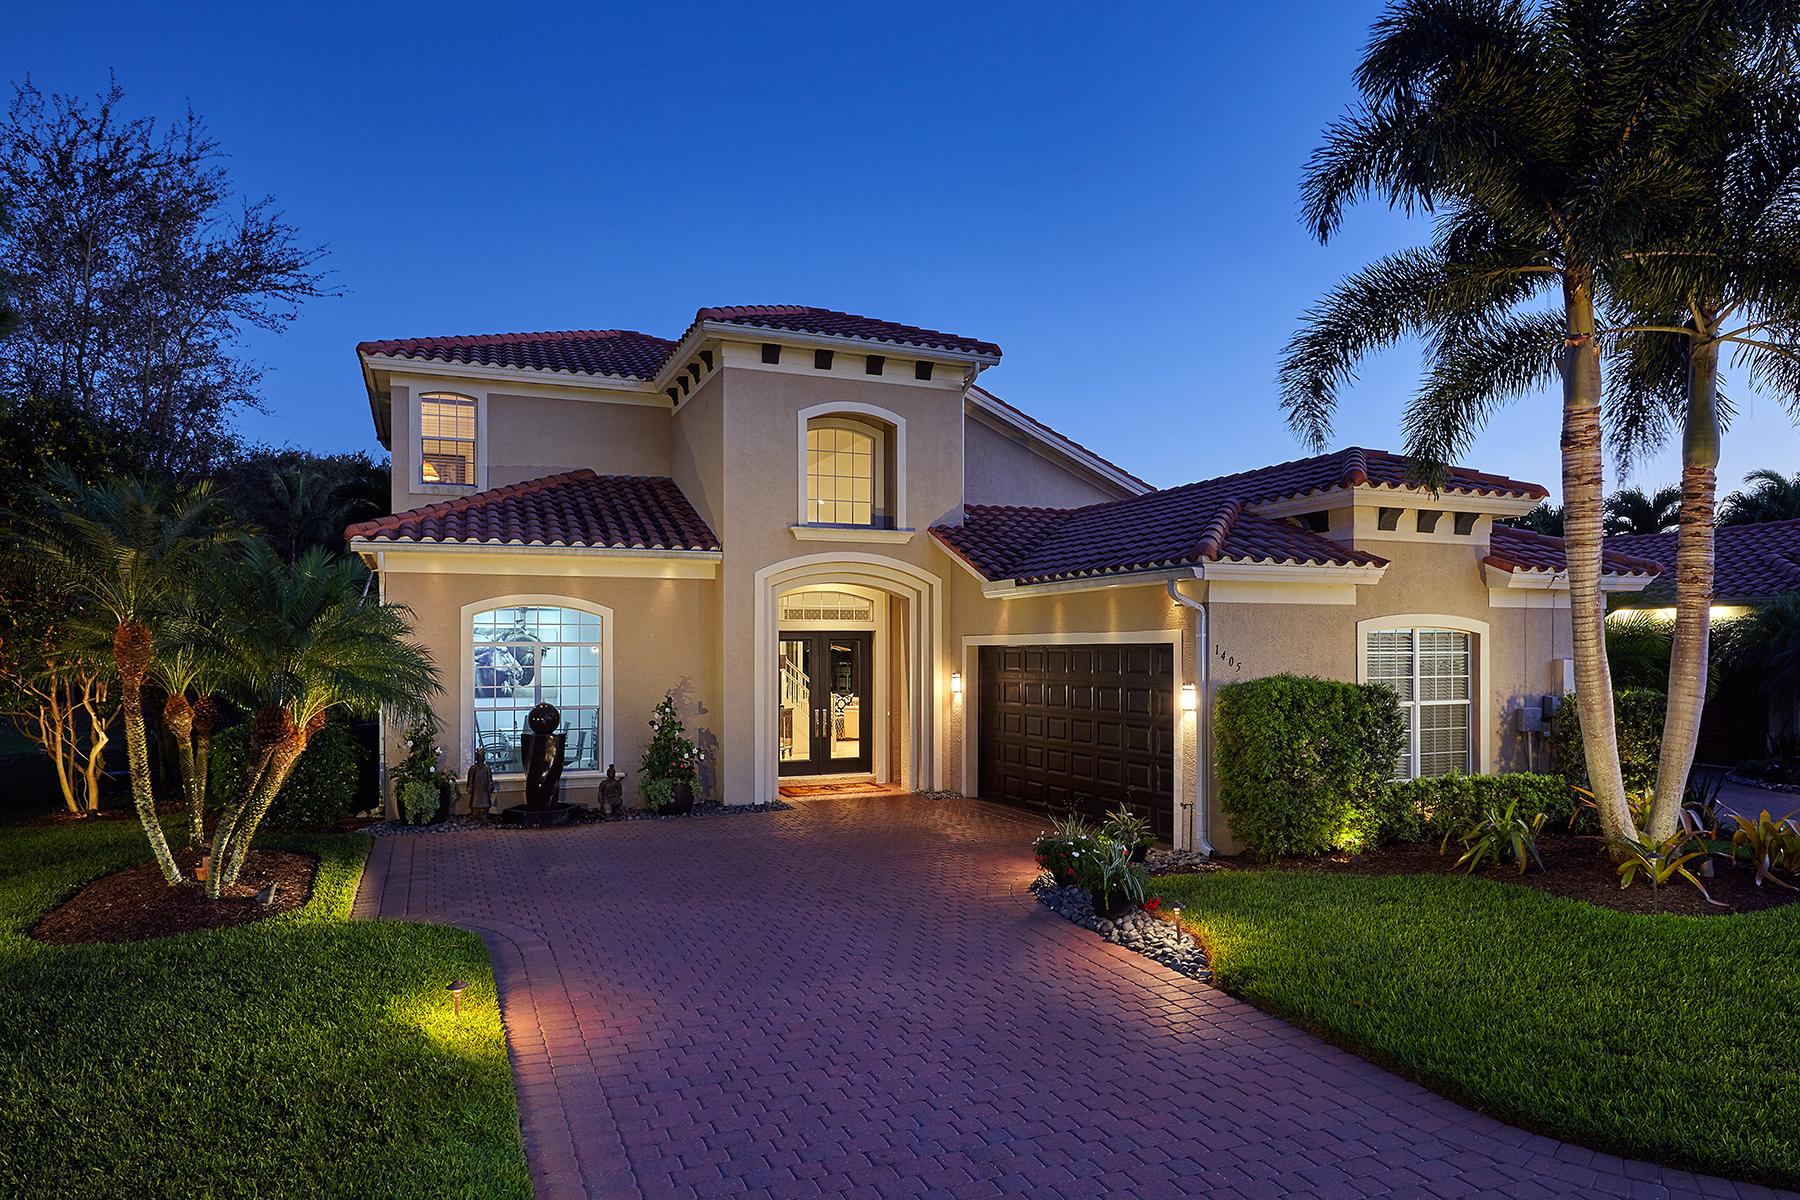 Частный односемейный дом для того Продажа на PELICAN MARSH - PORTOFINO 1405 Via Portofino Naples, Флорида, 34108 Соединенные Штаты